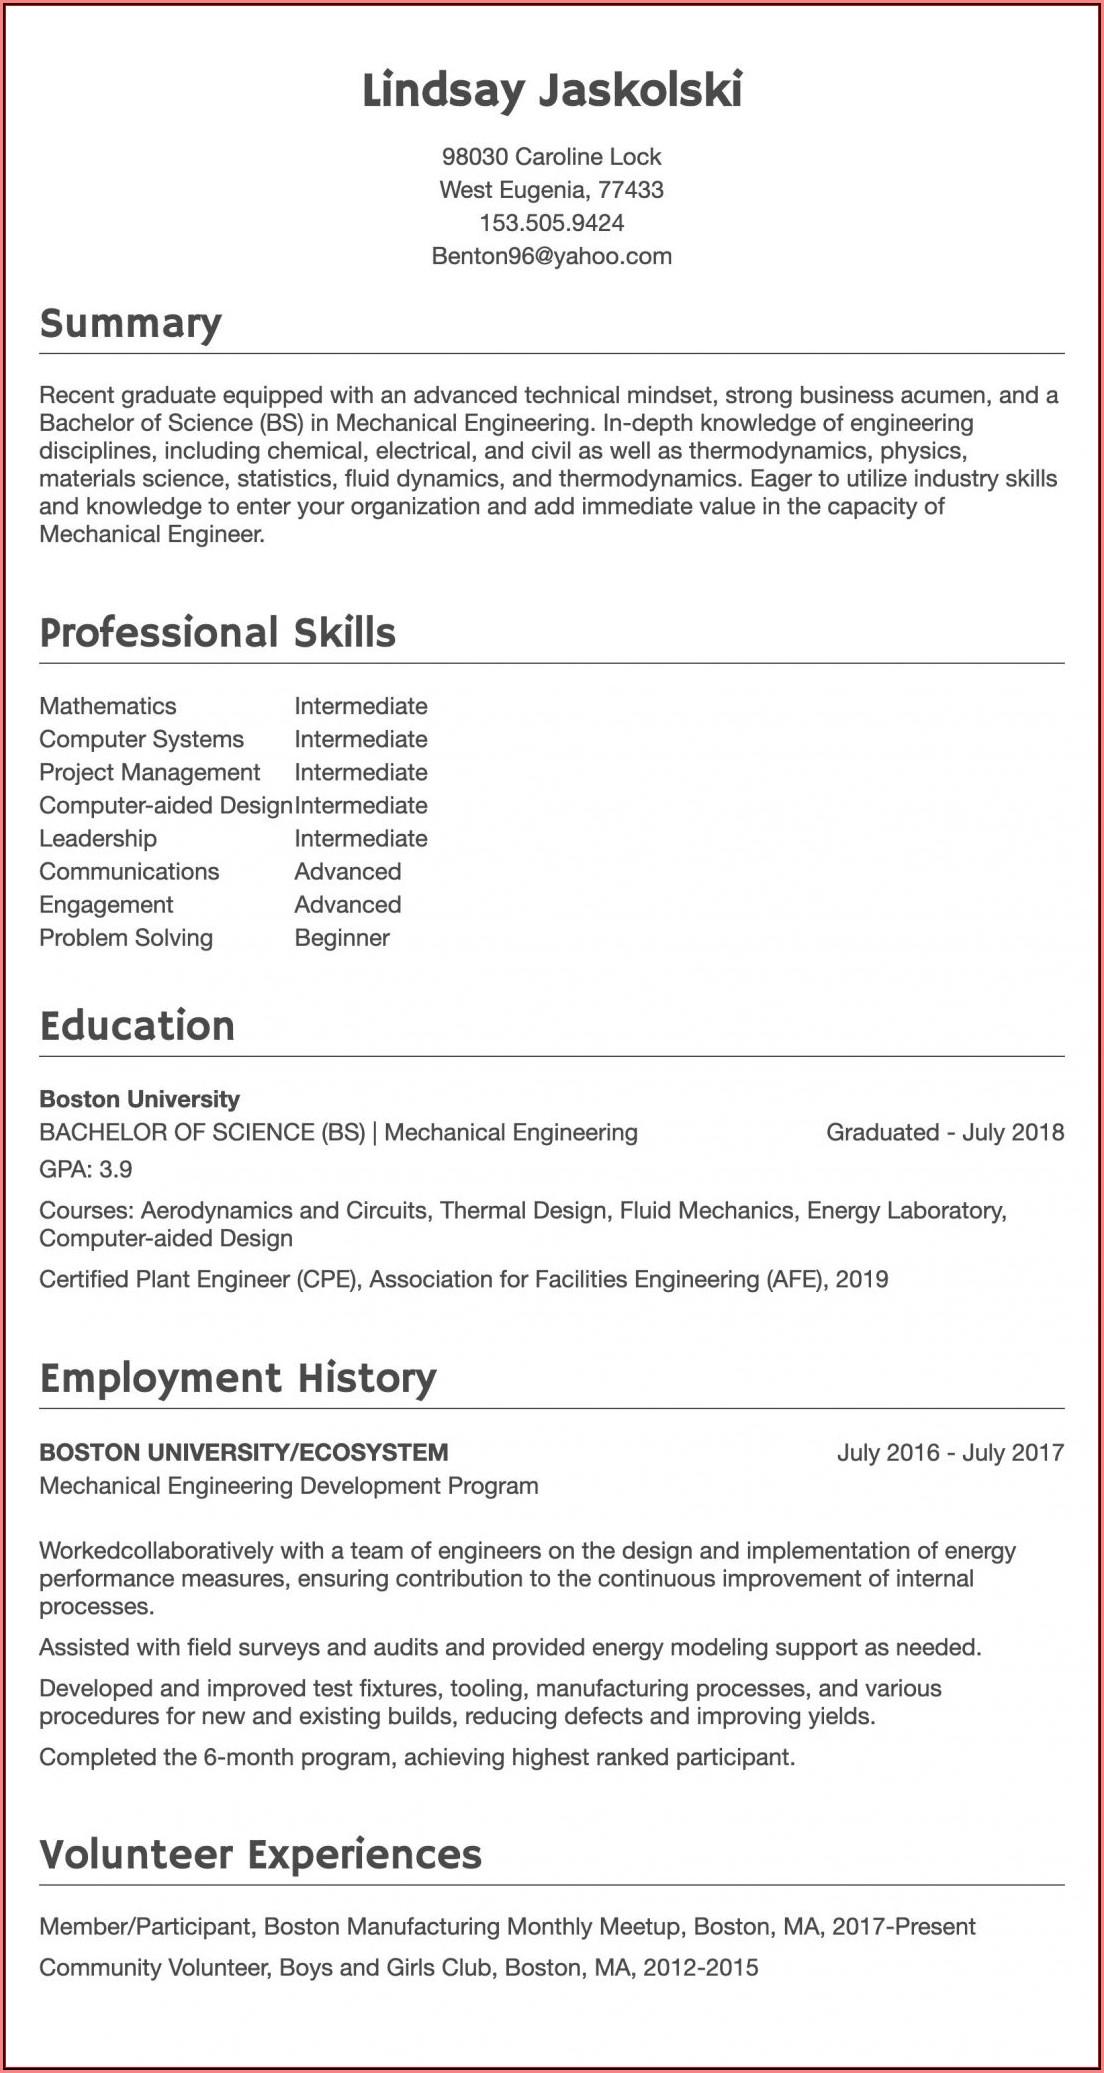 Civil Engineer Resume Word Format Free Download